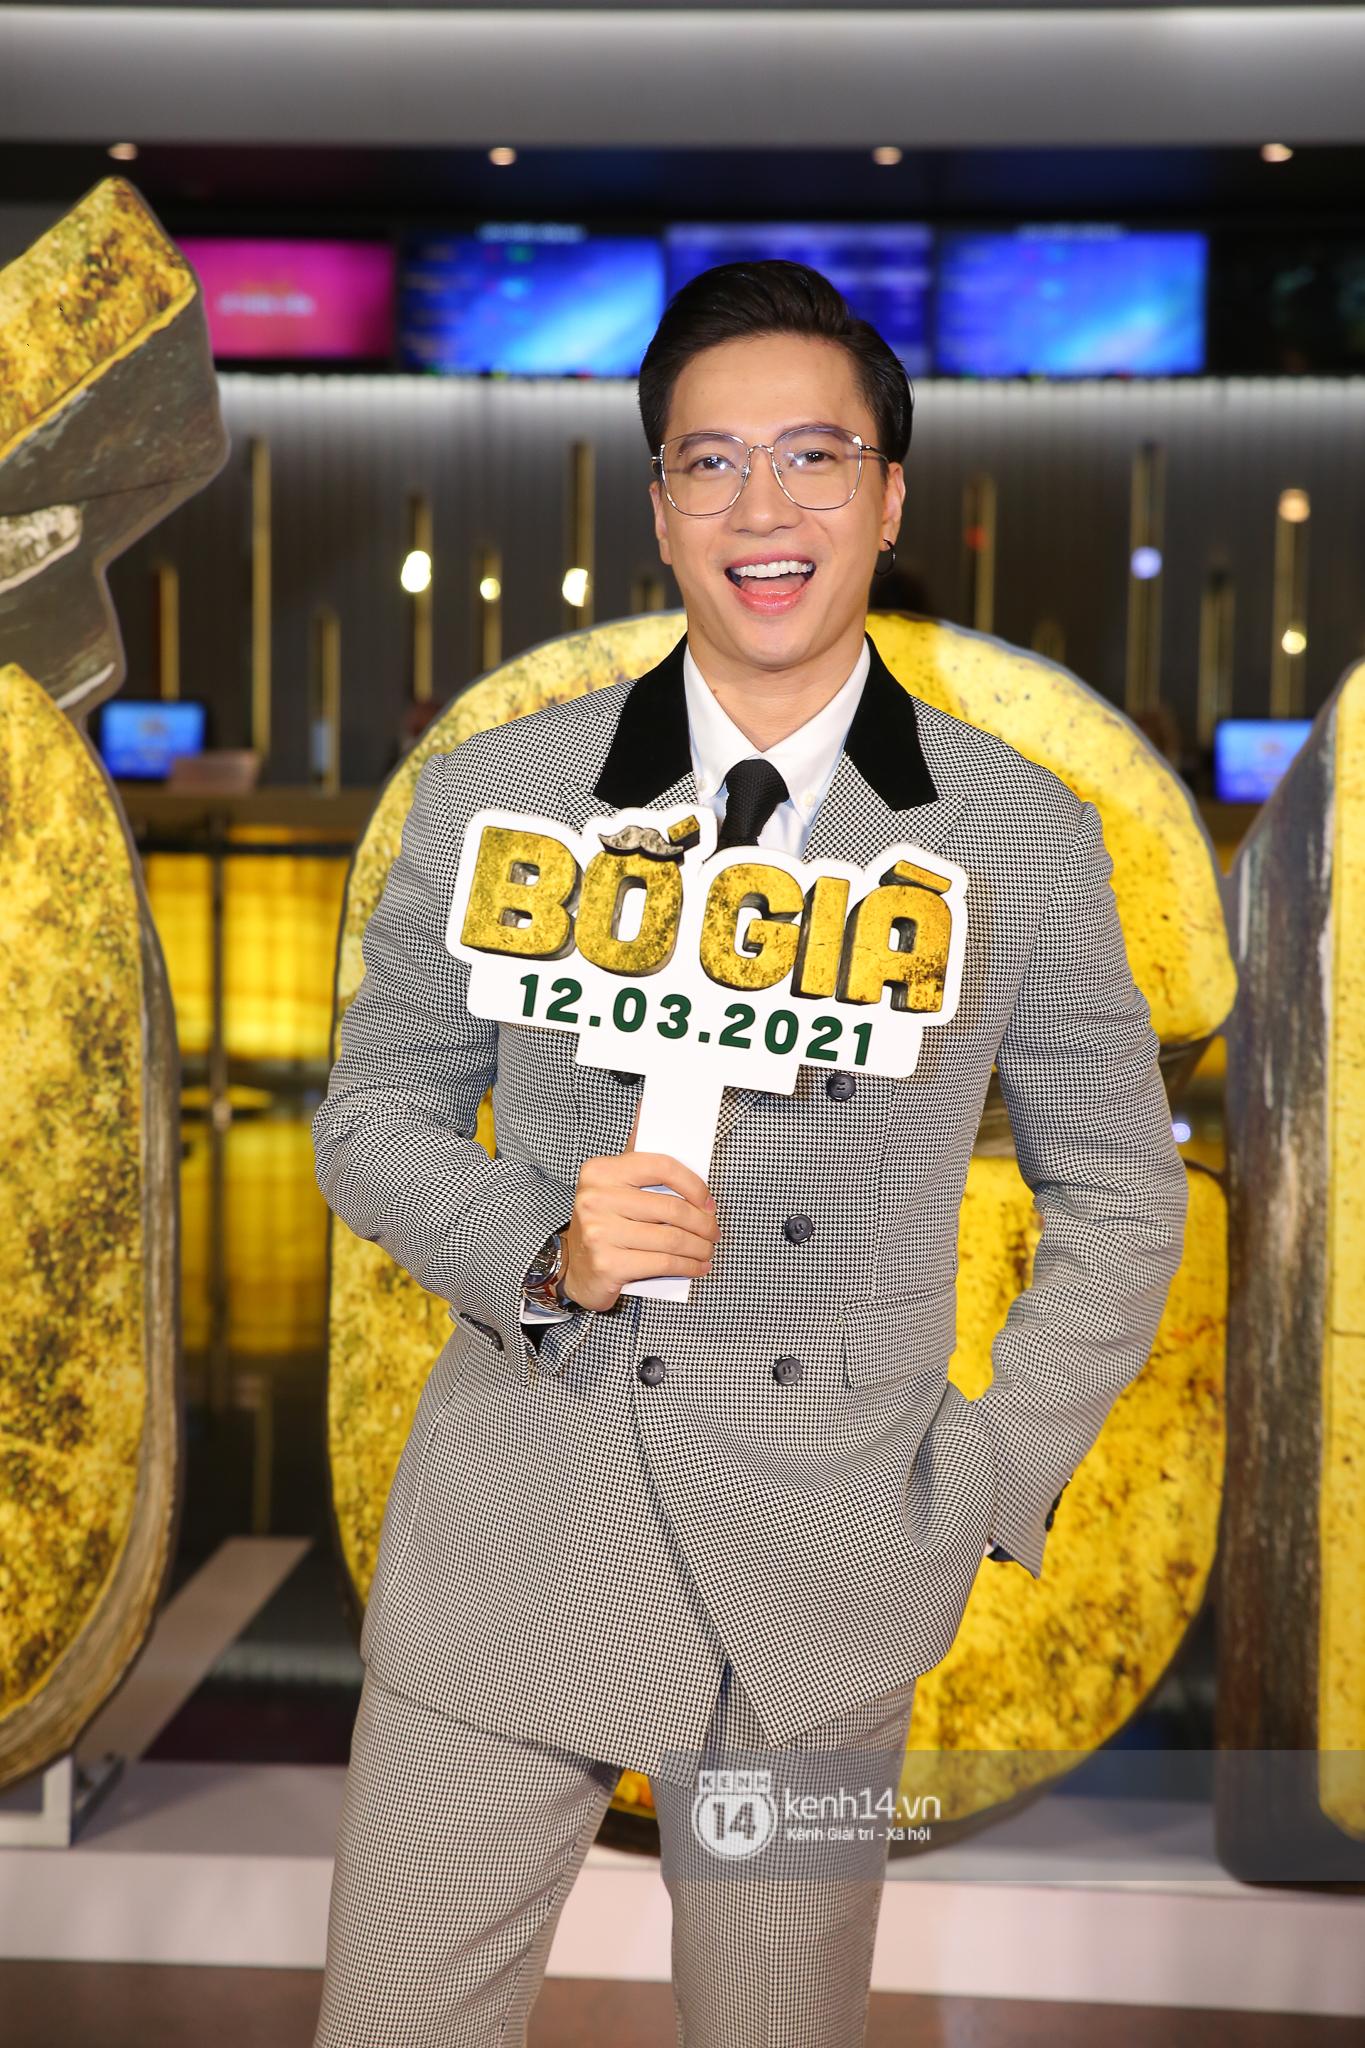 Cặp đôi nhà Đông Nhi, Lệ Quyên thi nhau show ân ái không kém cạnh Trấn Thành - Hariwon ở siêu thảm đỏ Bố Già - Ảnh 13.